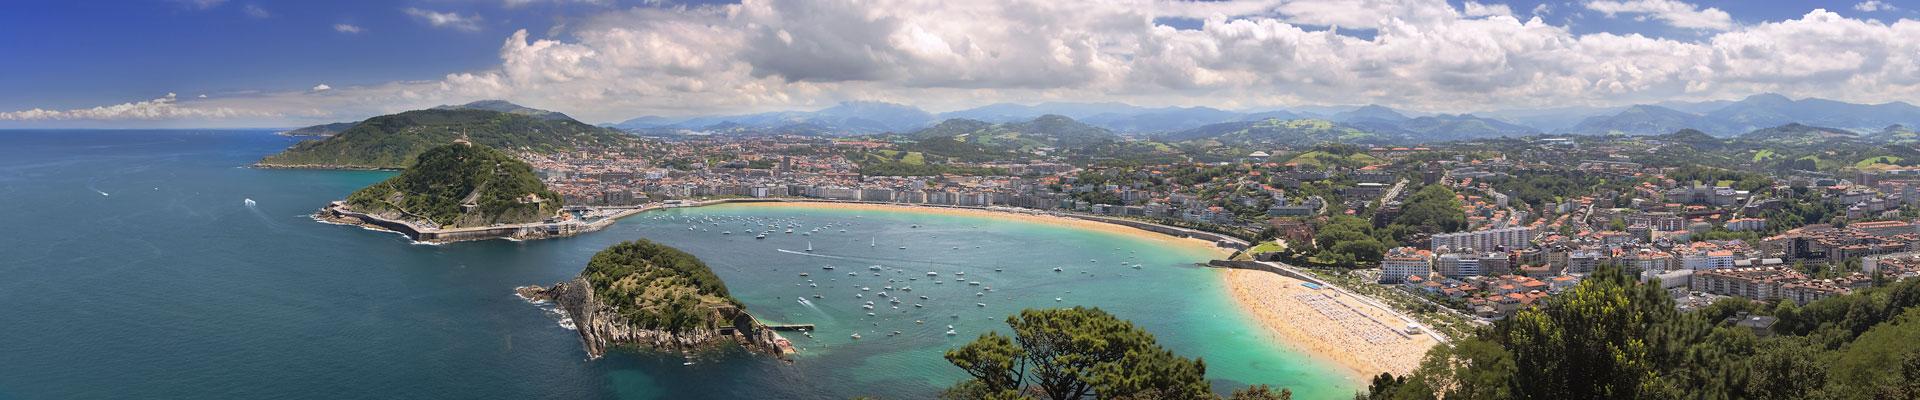 Curso de bolsa en San Sebastián